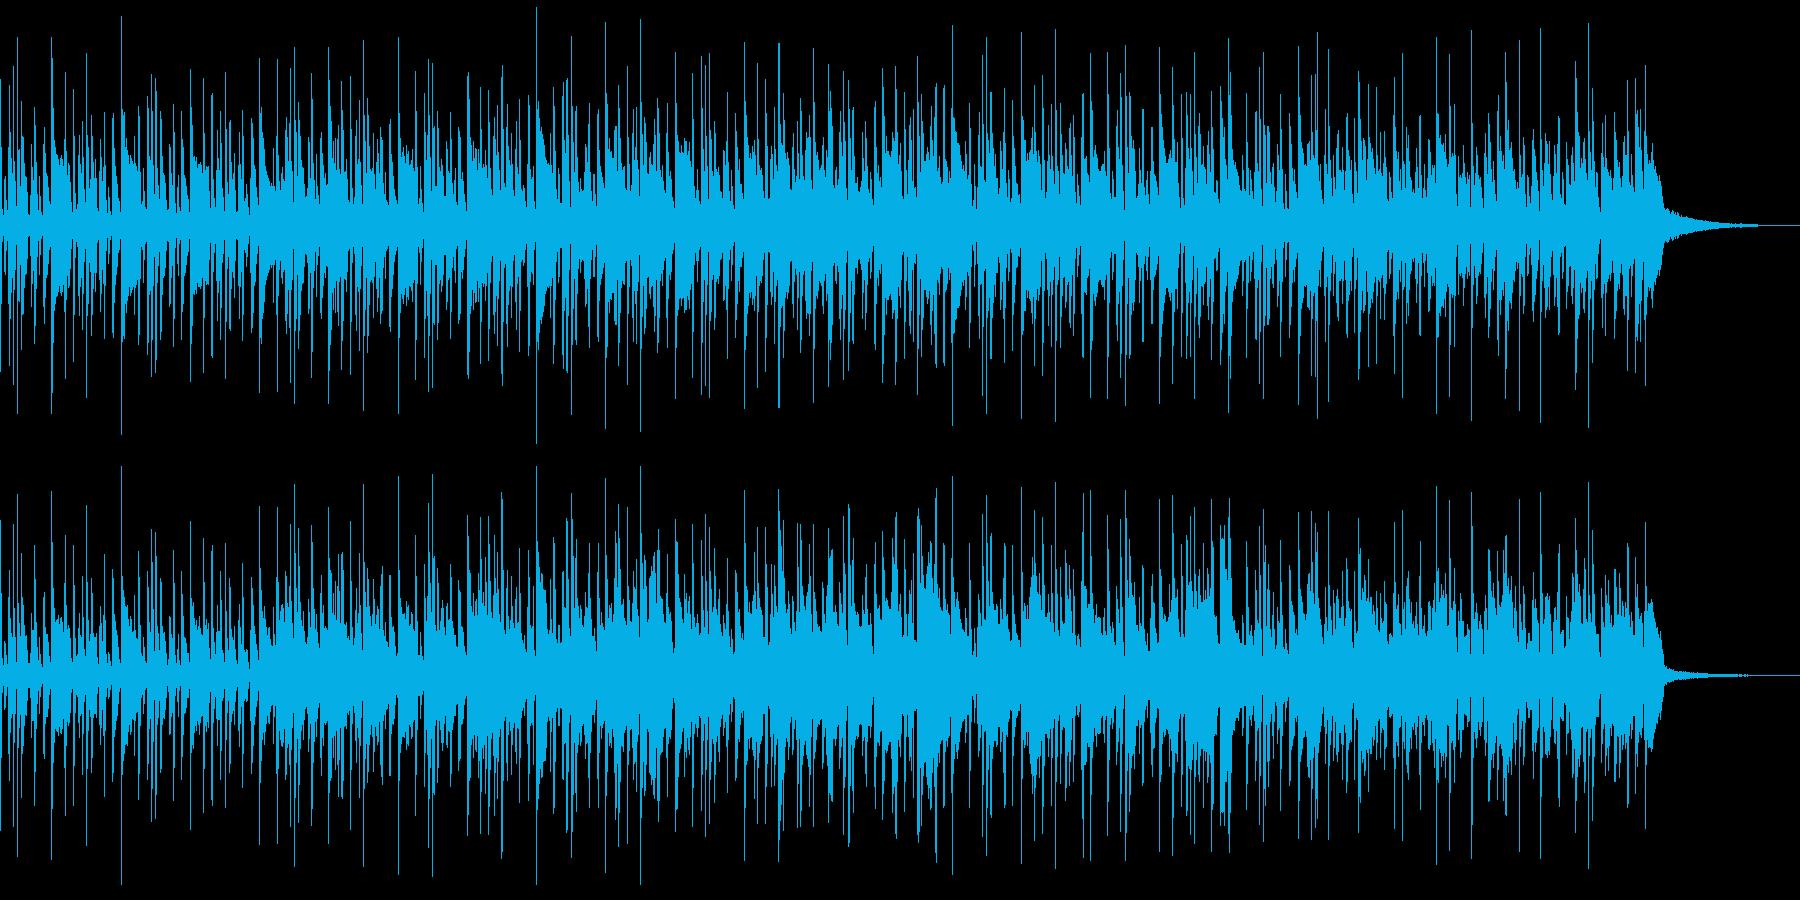 アコギとドラムだけのシンプルで軽快な曲の再生済みの波形